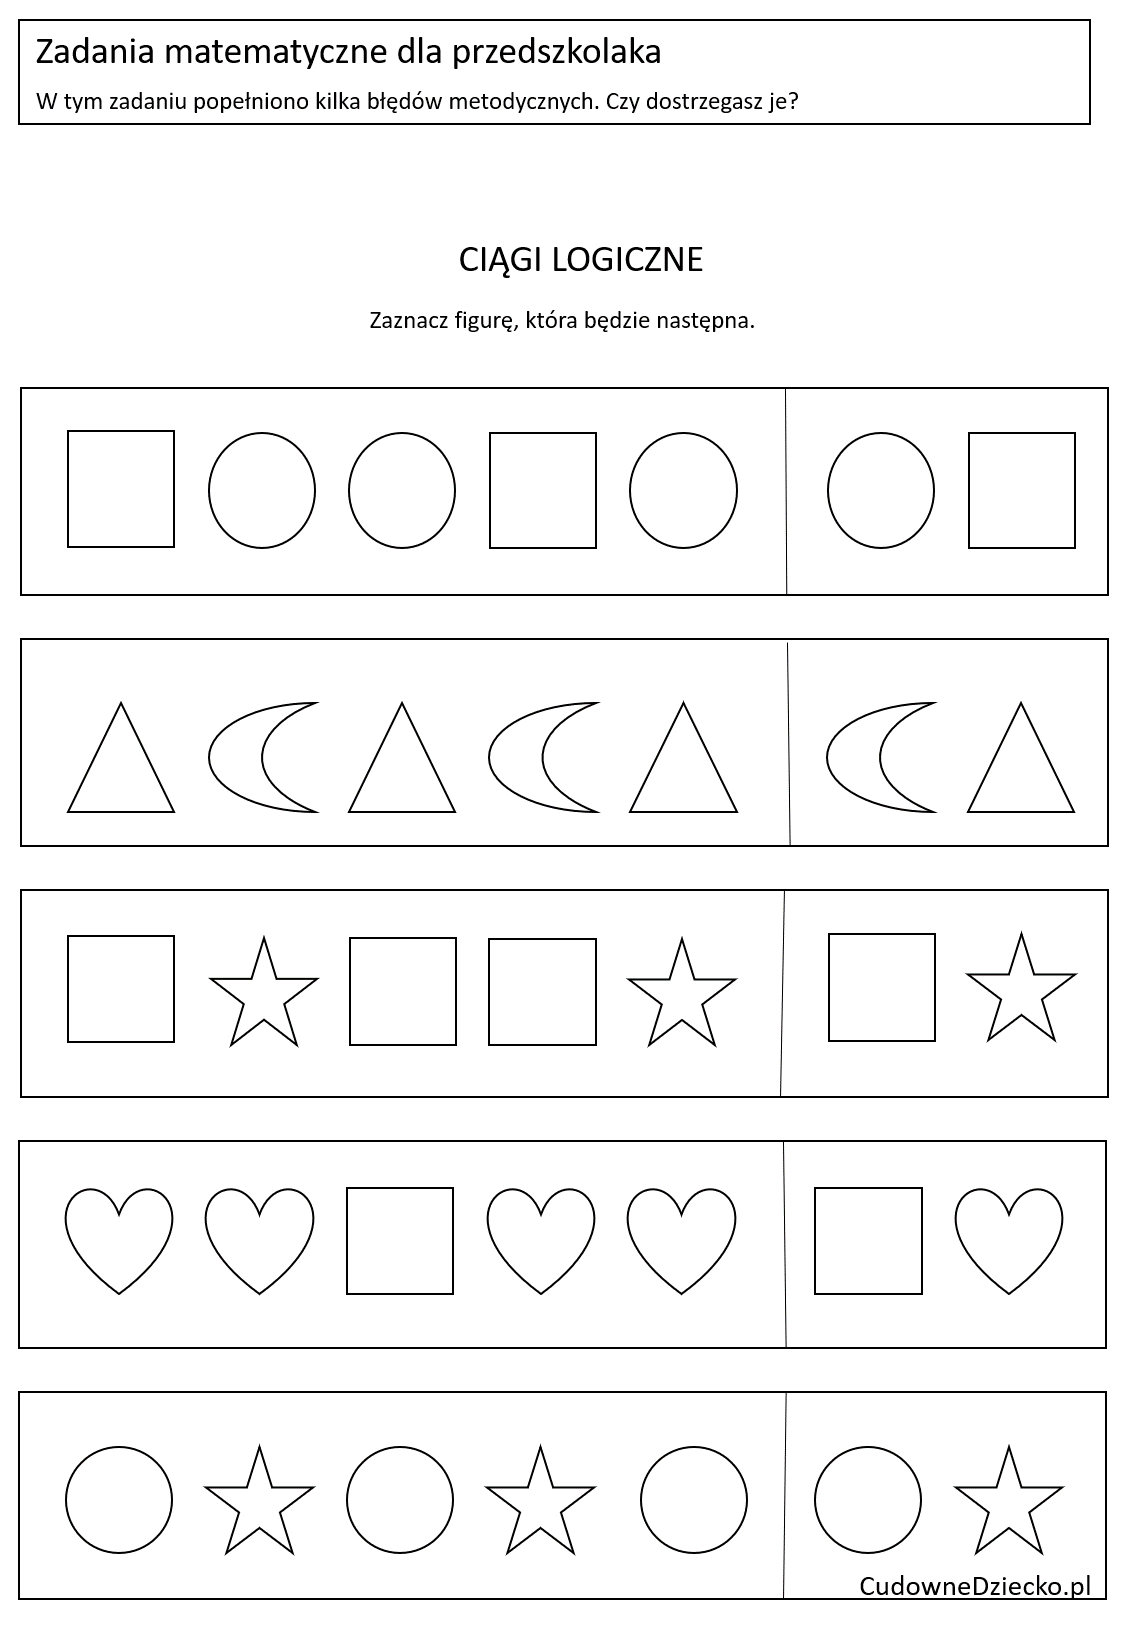 Zadania Matematyczne Dla Przedszkolaków Dziecko 4 Lata Figury Ciągi logiczne